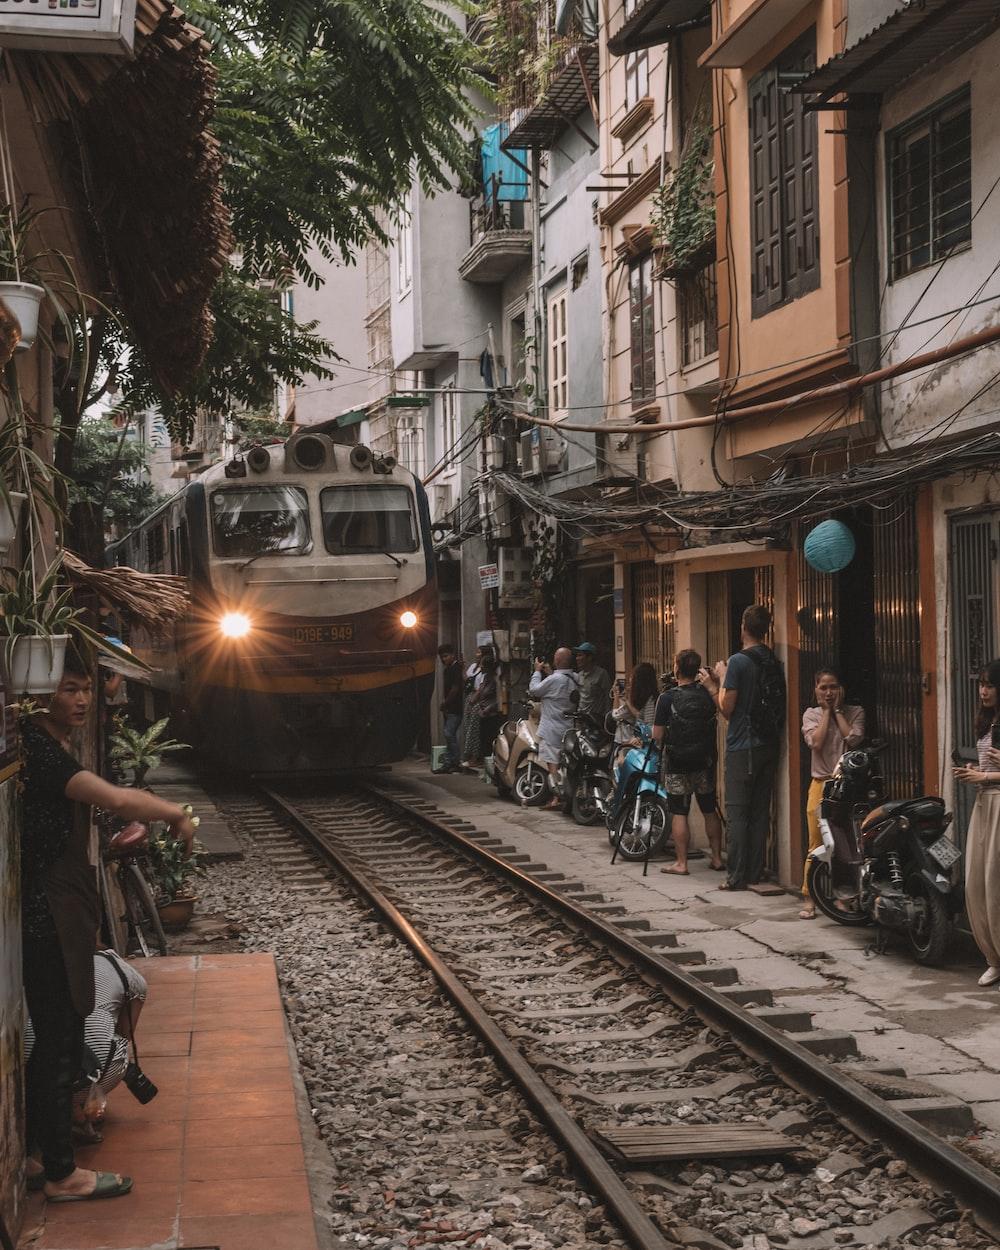 people walking on sidewalk near train during daytime